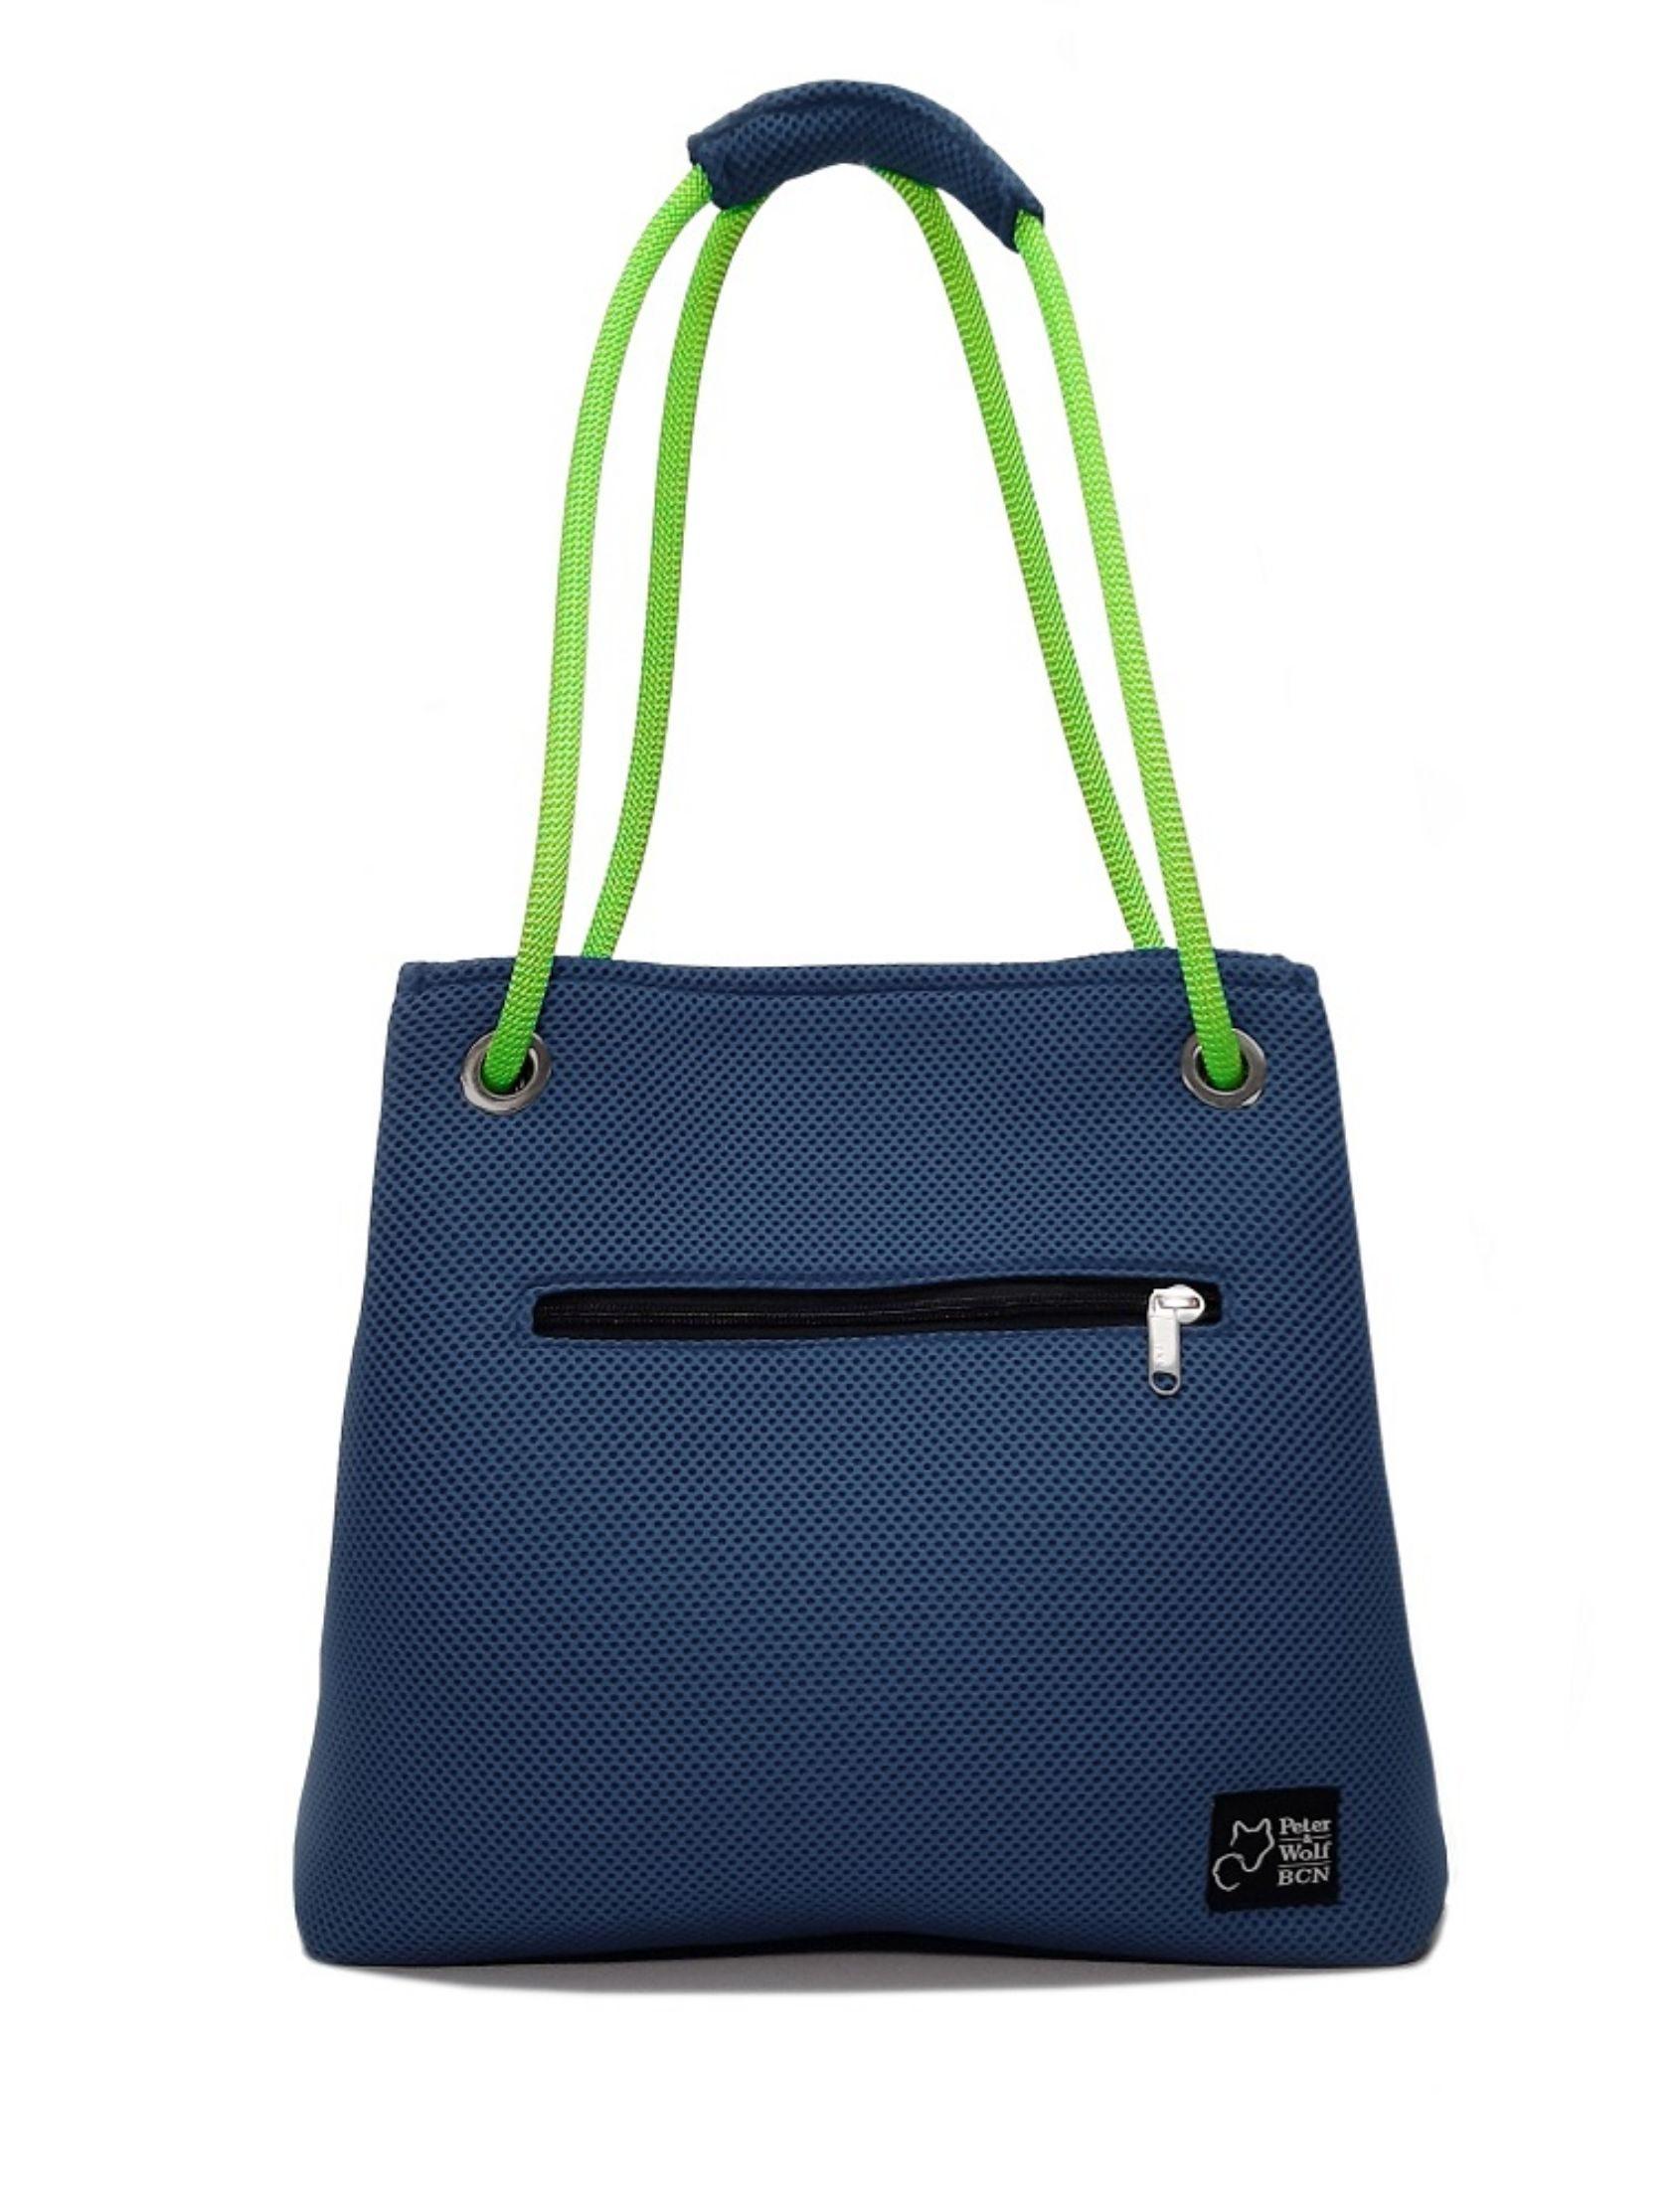 Bolso en tejido 3d color azul marino y asa verde pistacho